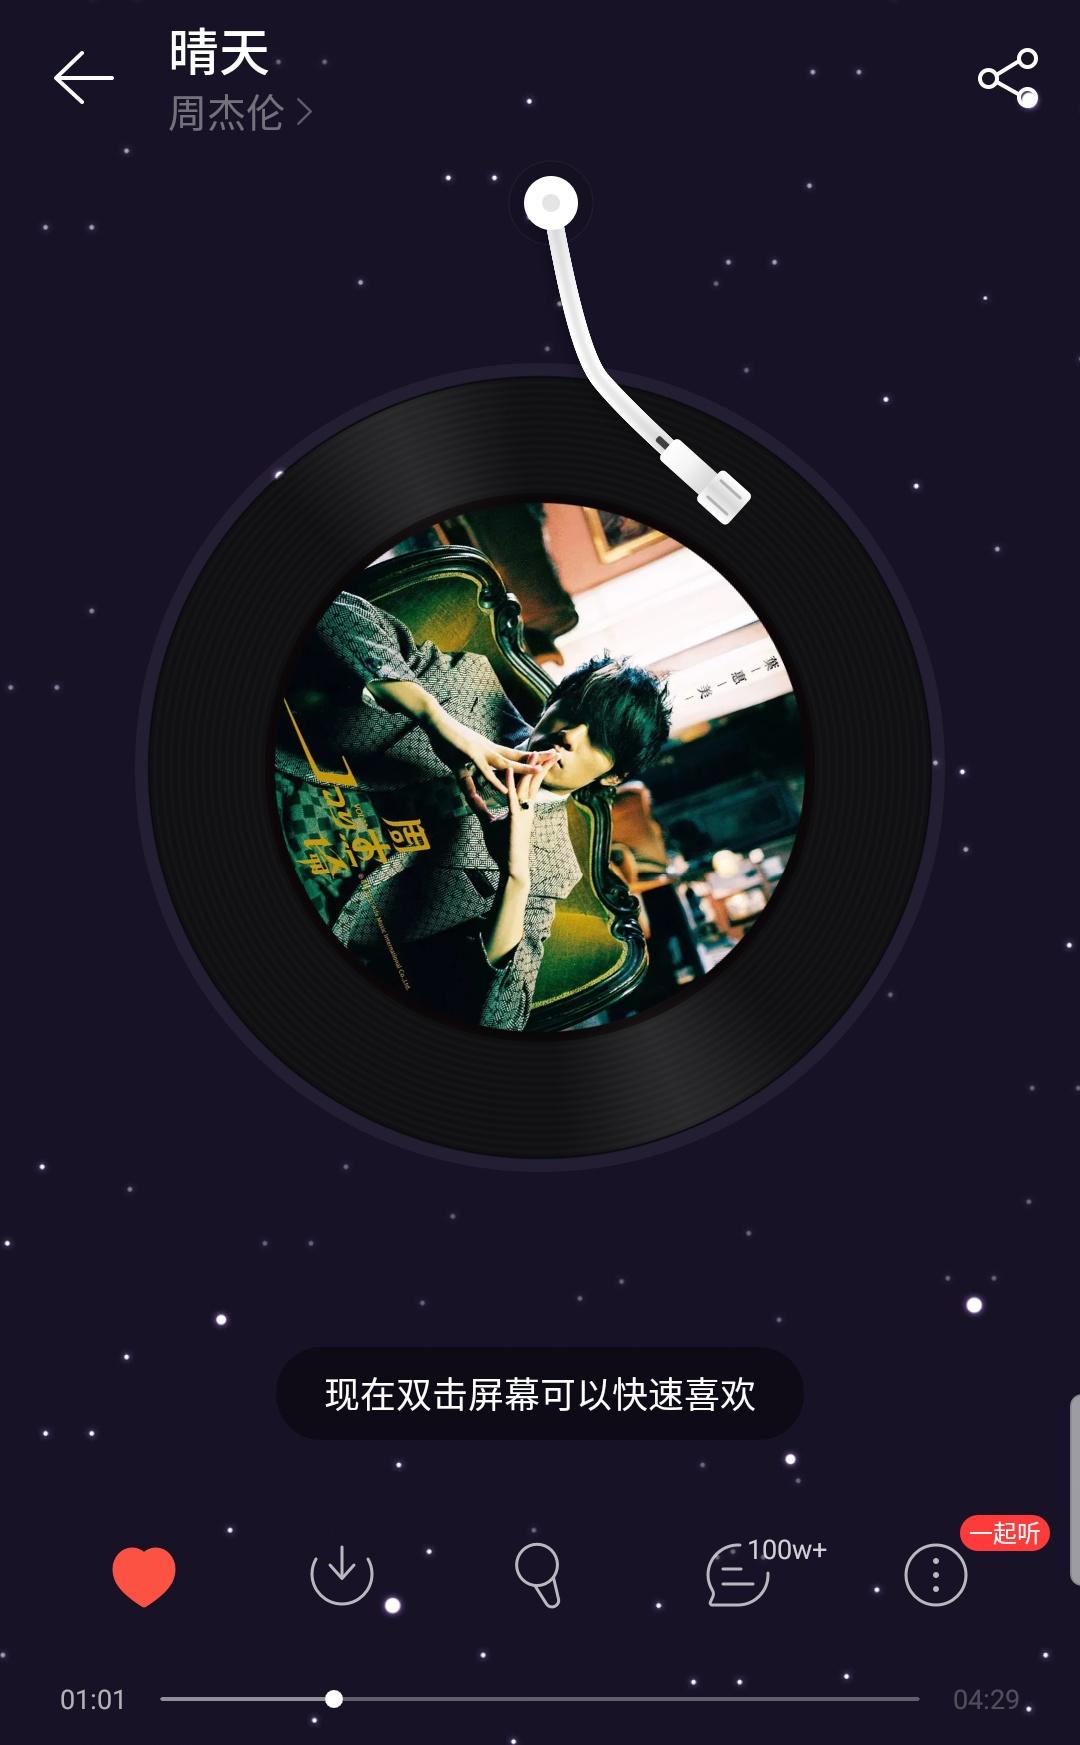 rBAAdmB2TWeAJM-kAAPboy6SG7E756.jpg插图(1)